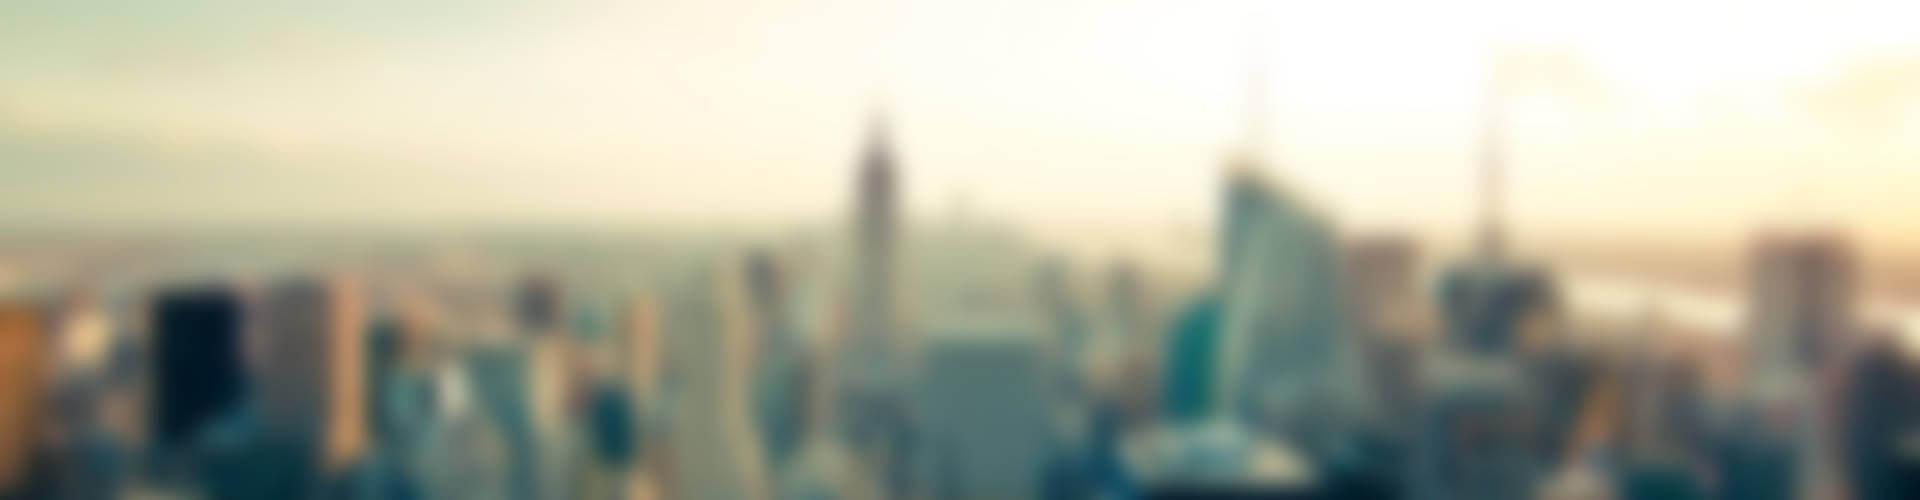 ny_city_1920x500